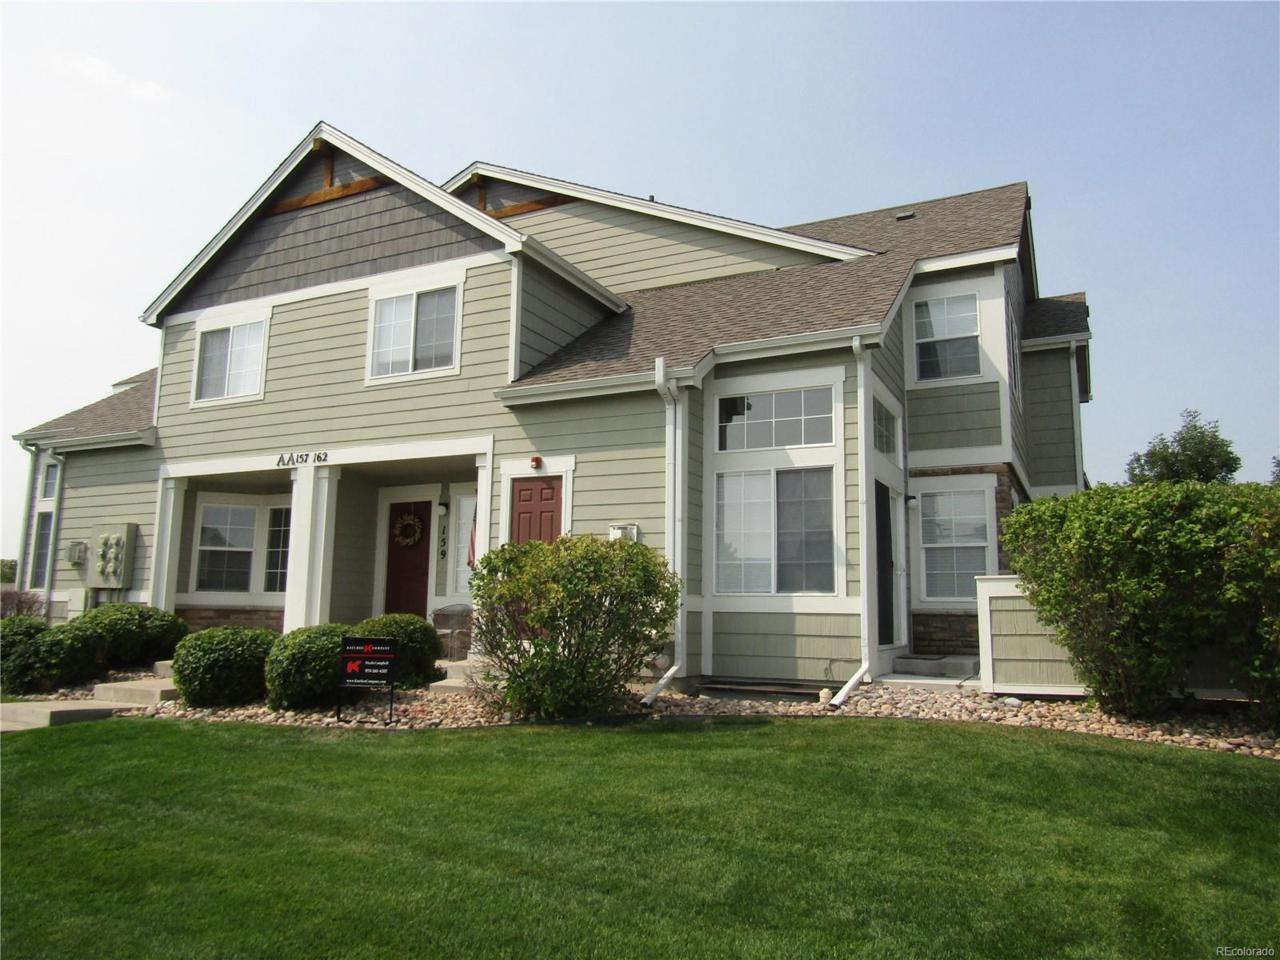 805 Summer Hawk Drive #159, Longmont, CO 80504 (MLS #1984850) :: 8z Real Estate